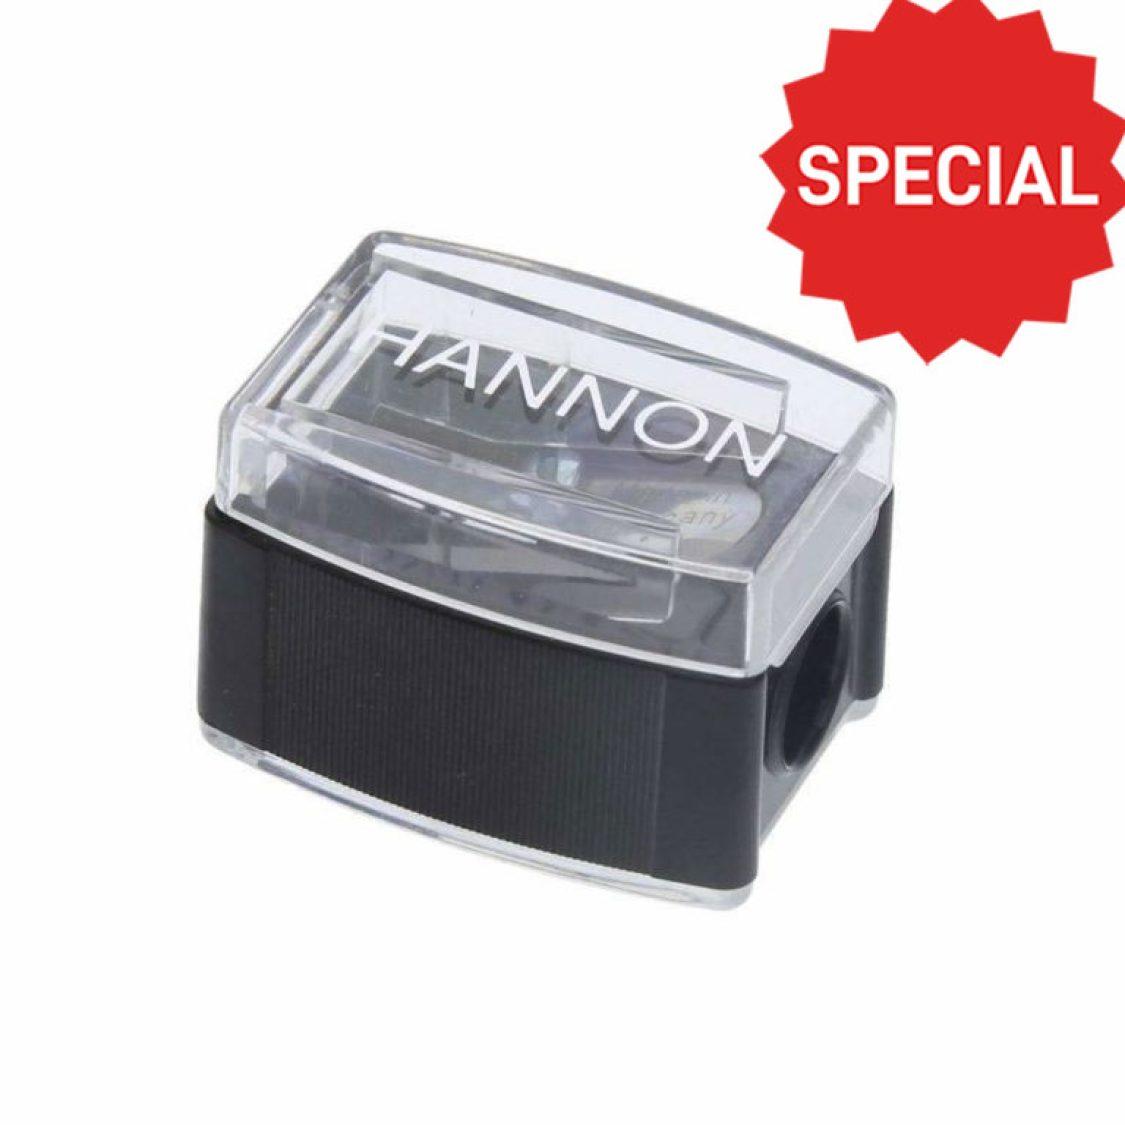 Hannon - Cosmetic Pencil Sharpener